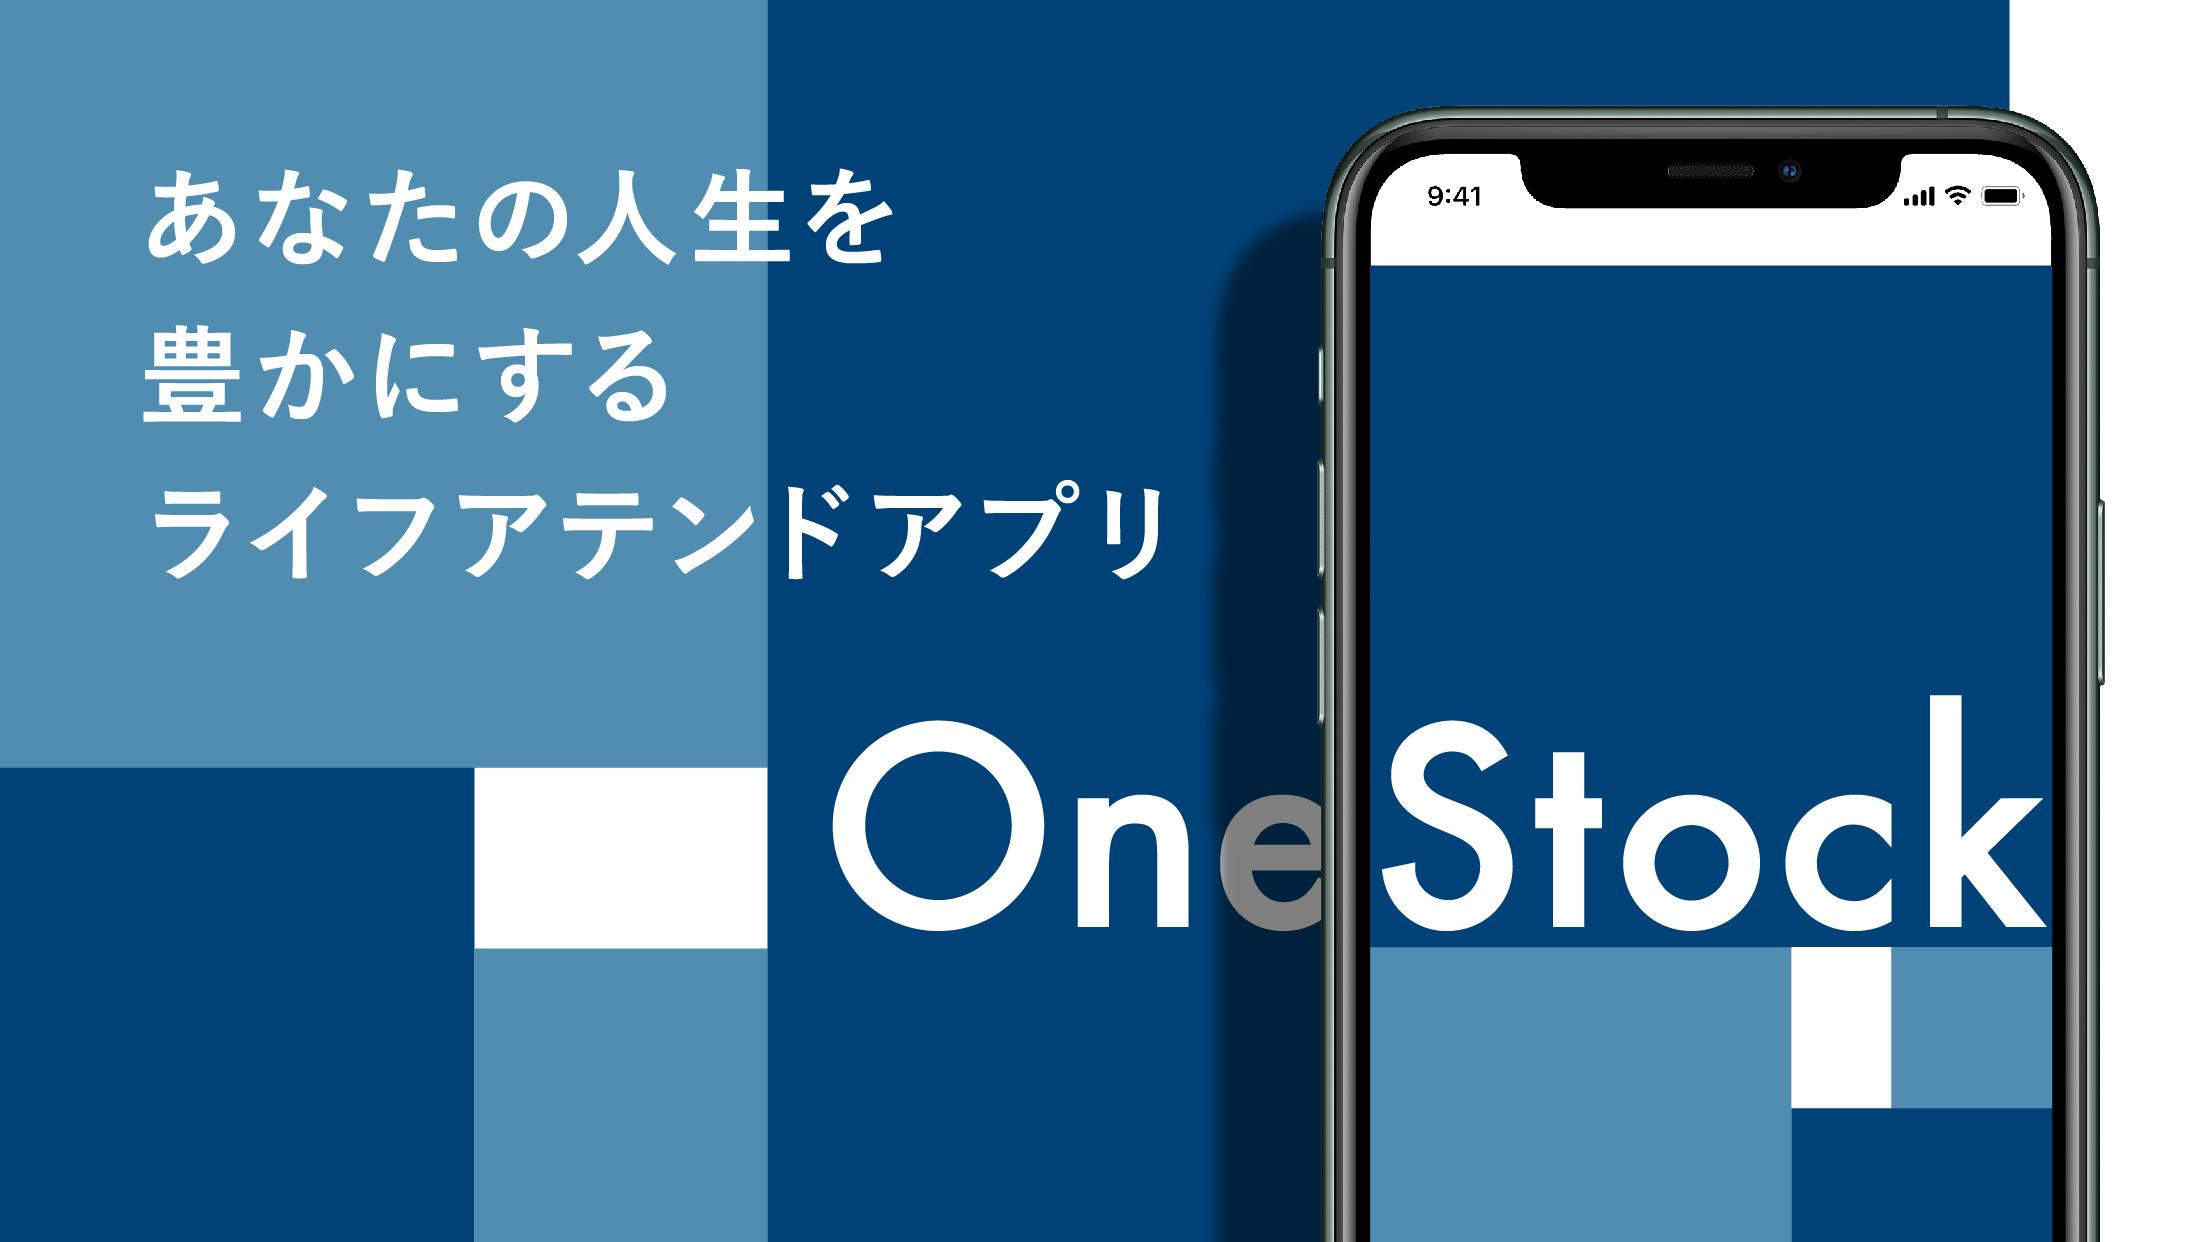 One stock